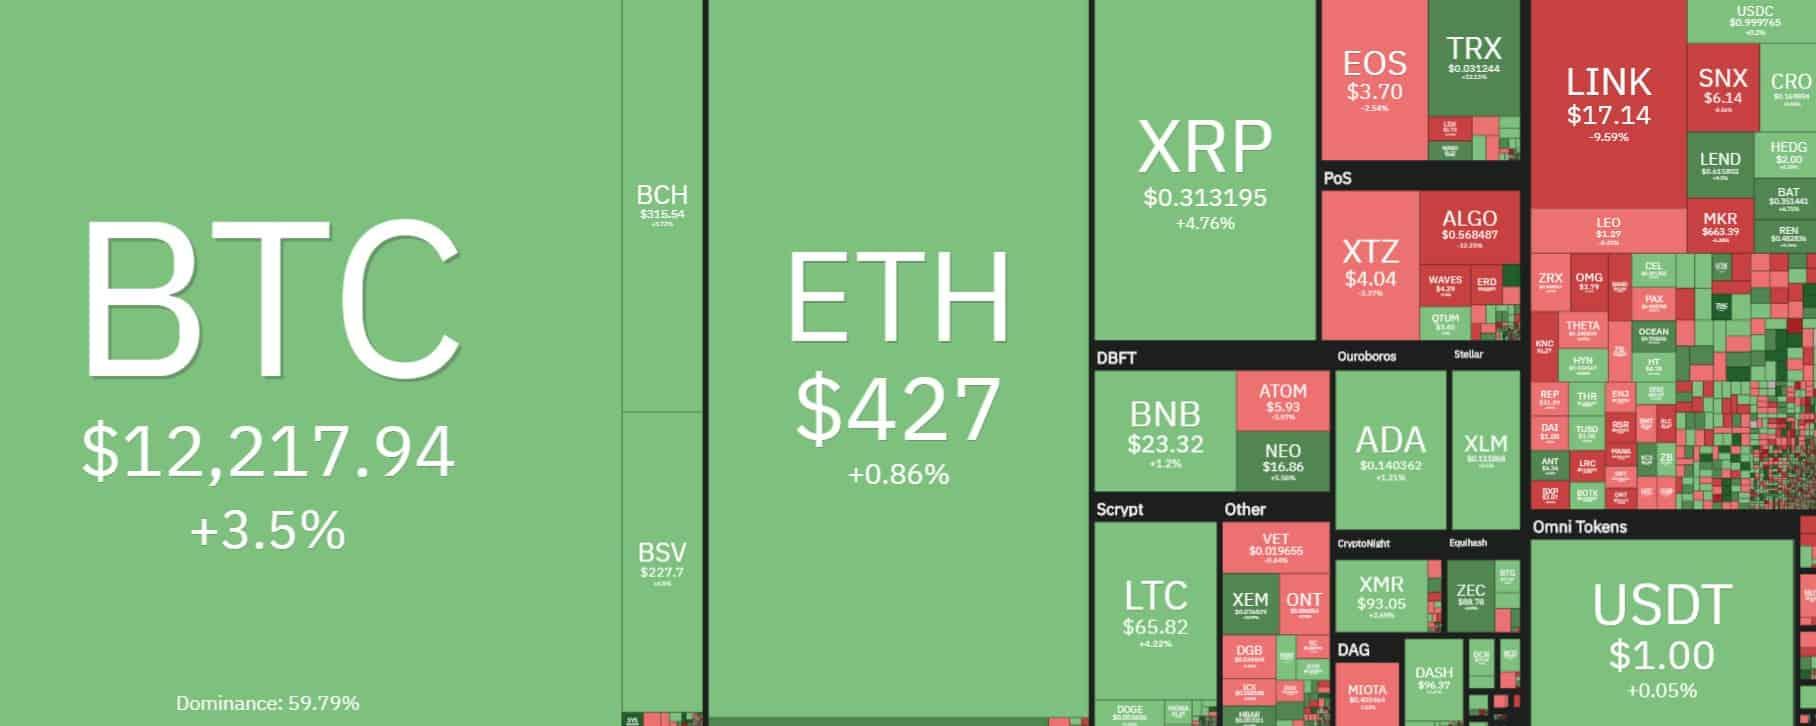 crypto_market_heat_map